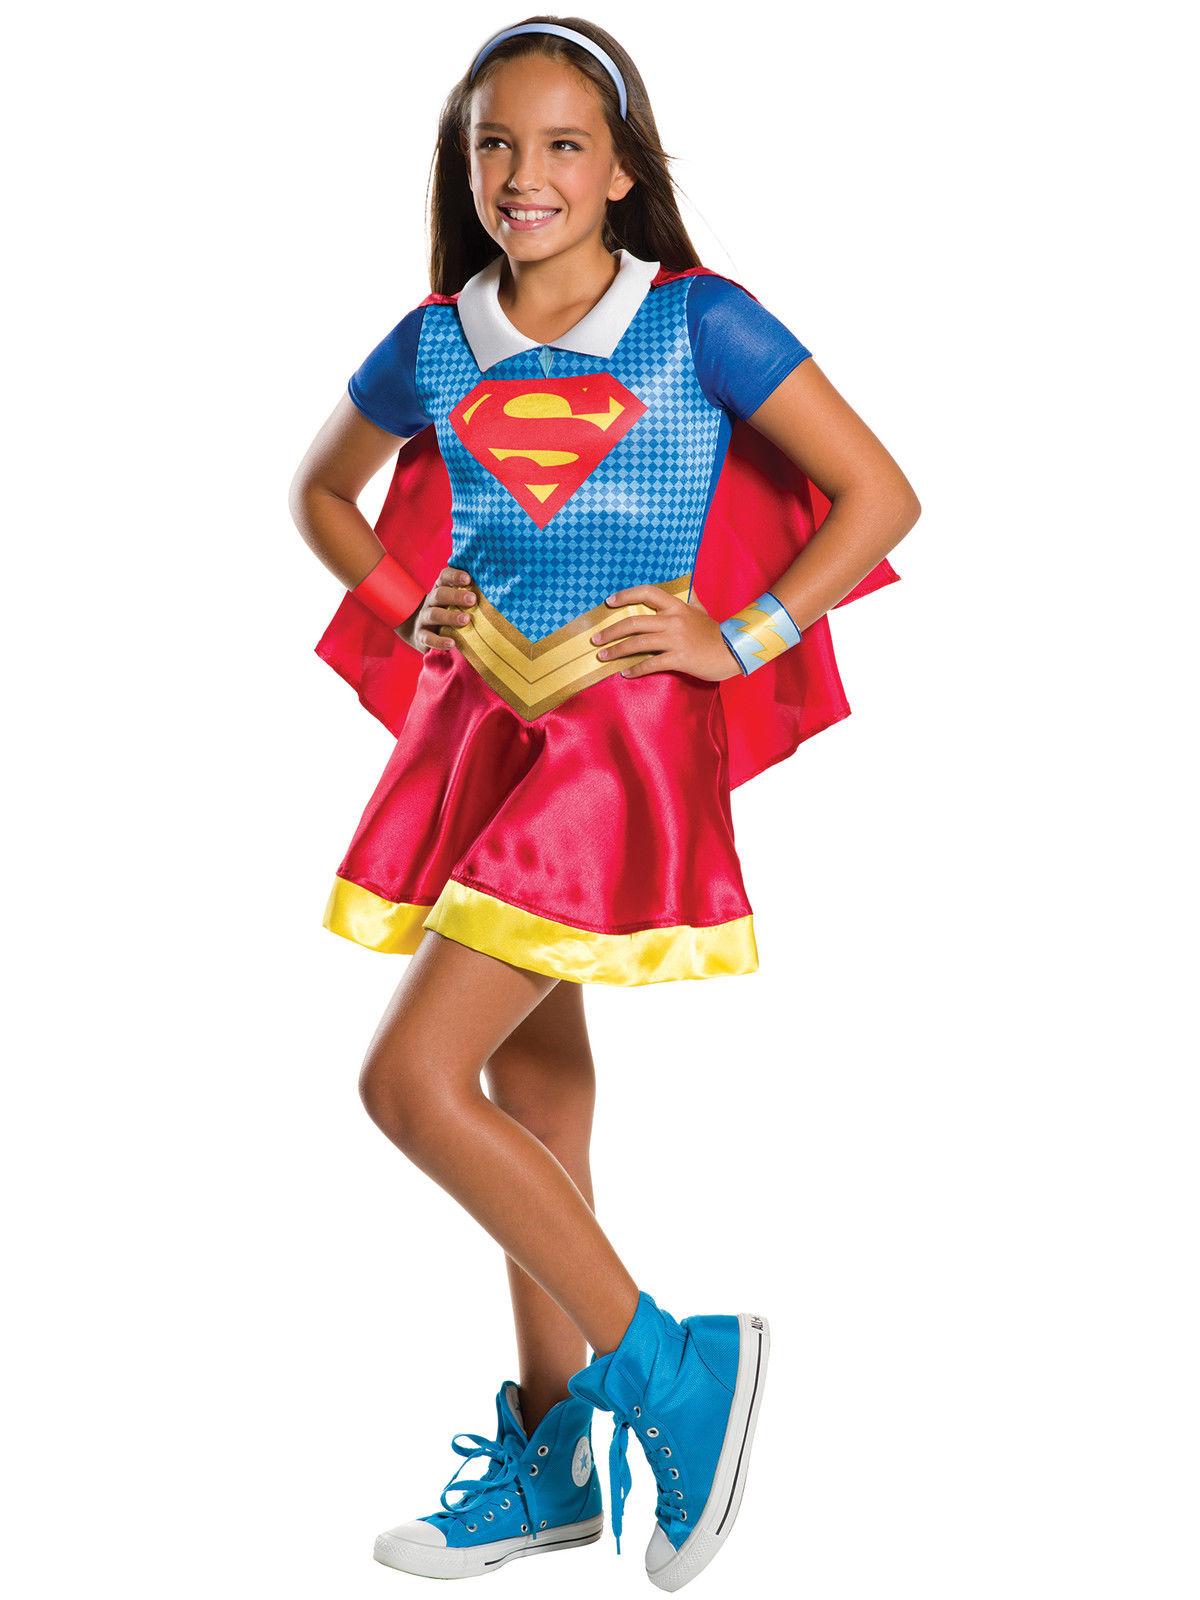 costume fille super hero girl super girl 5 7 ansjpg - Super Heros Fille